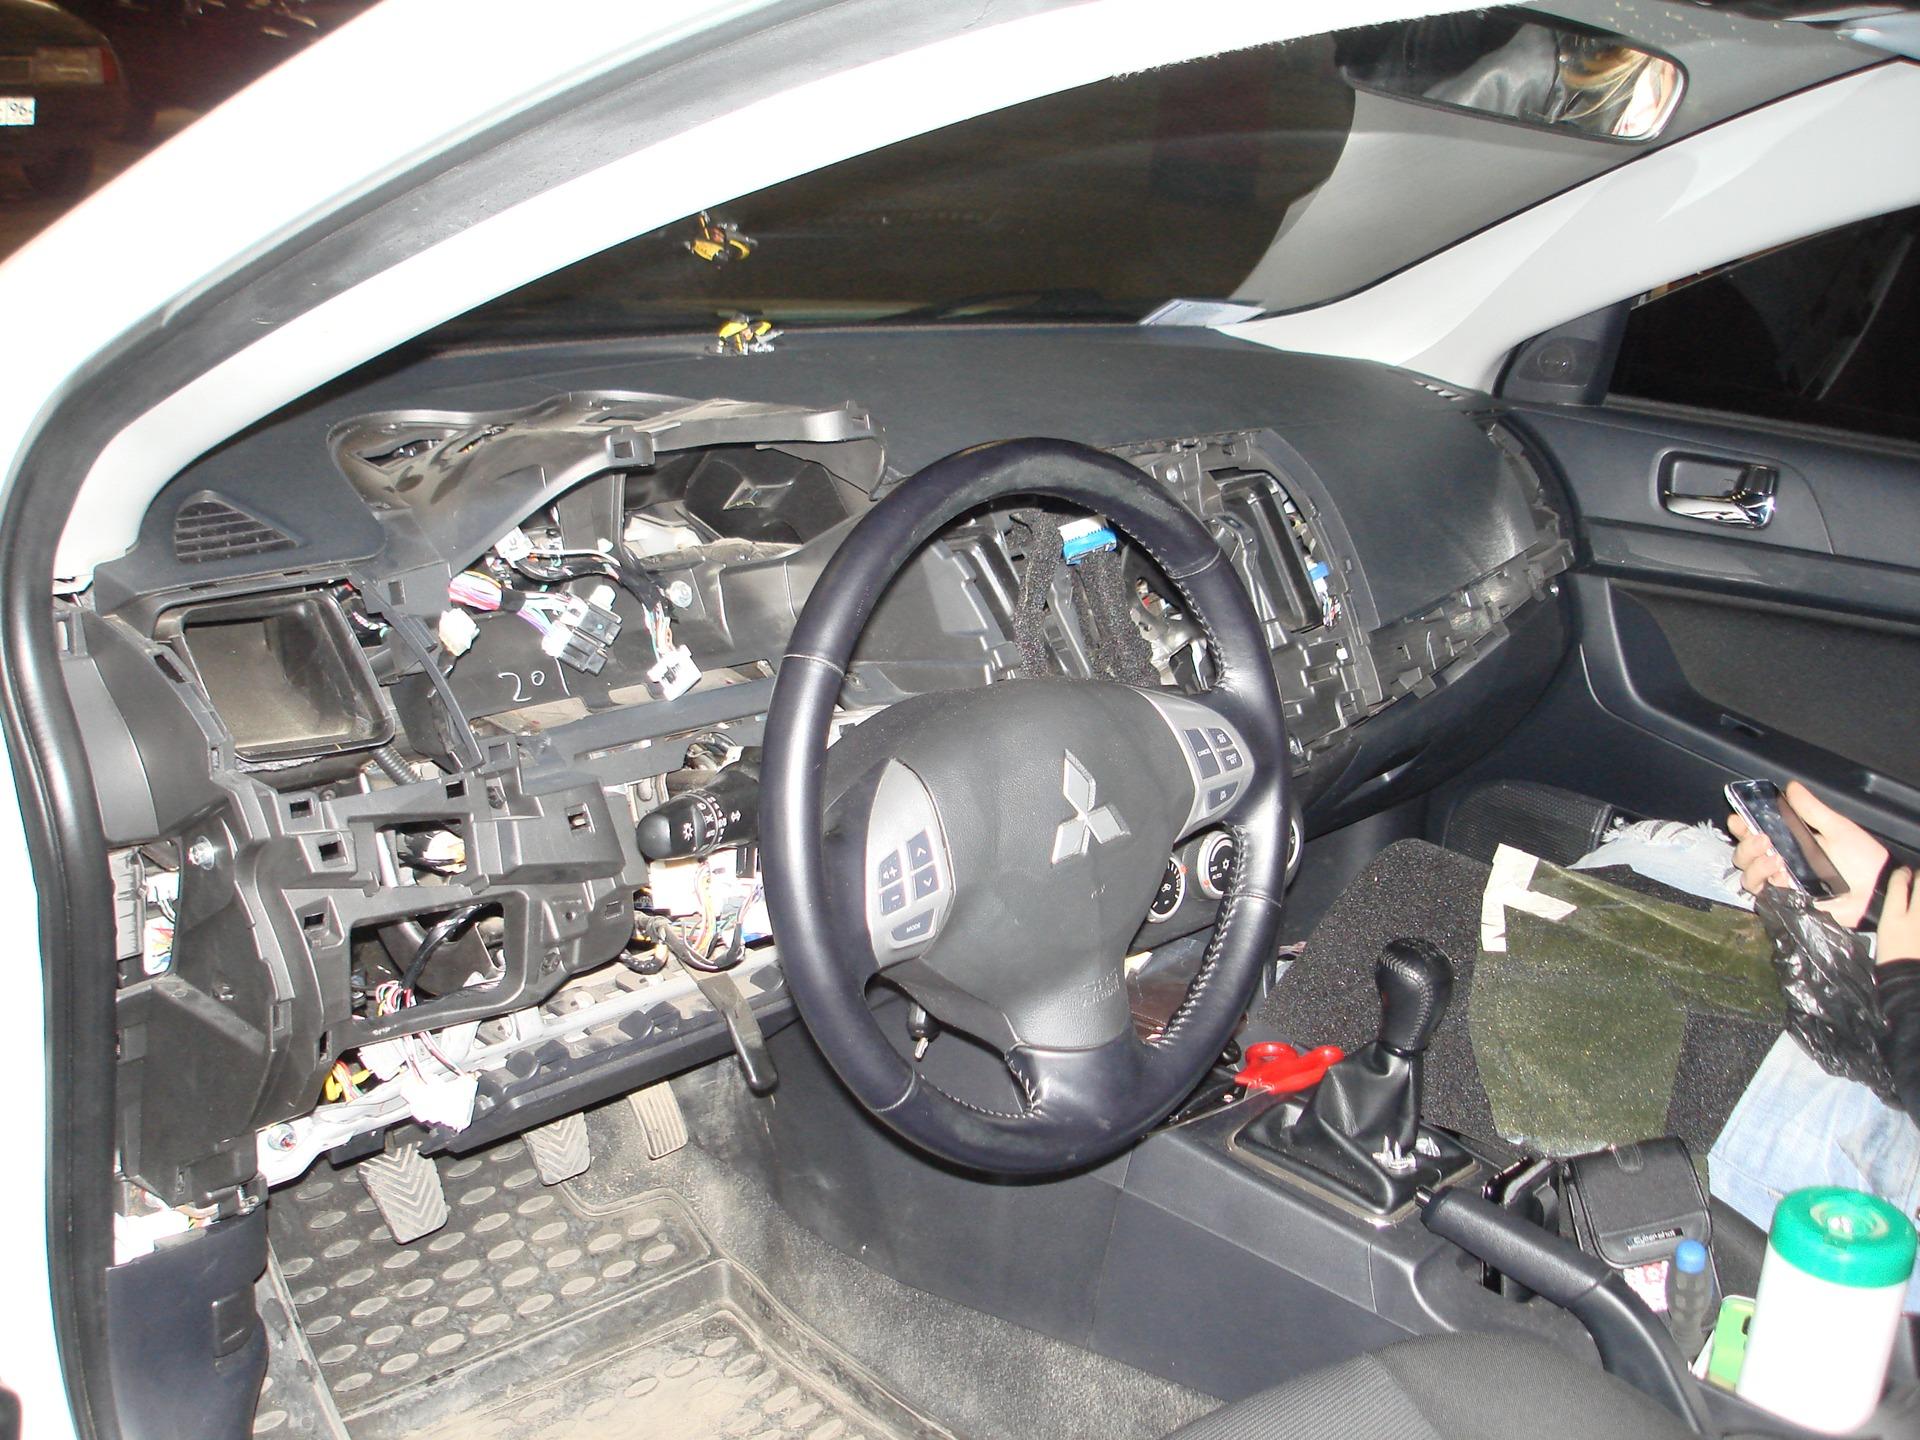 Автомобилист. org - Клуб любителей автомобилей 59